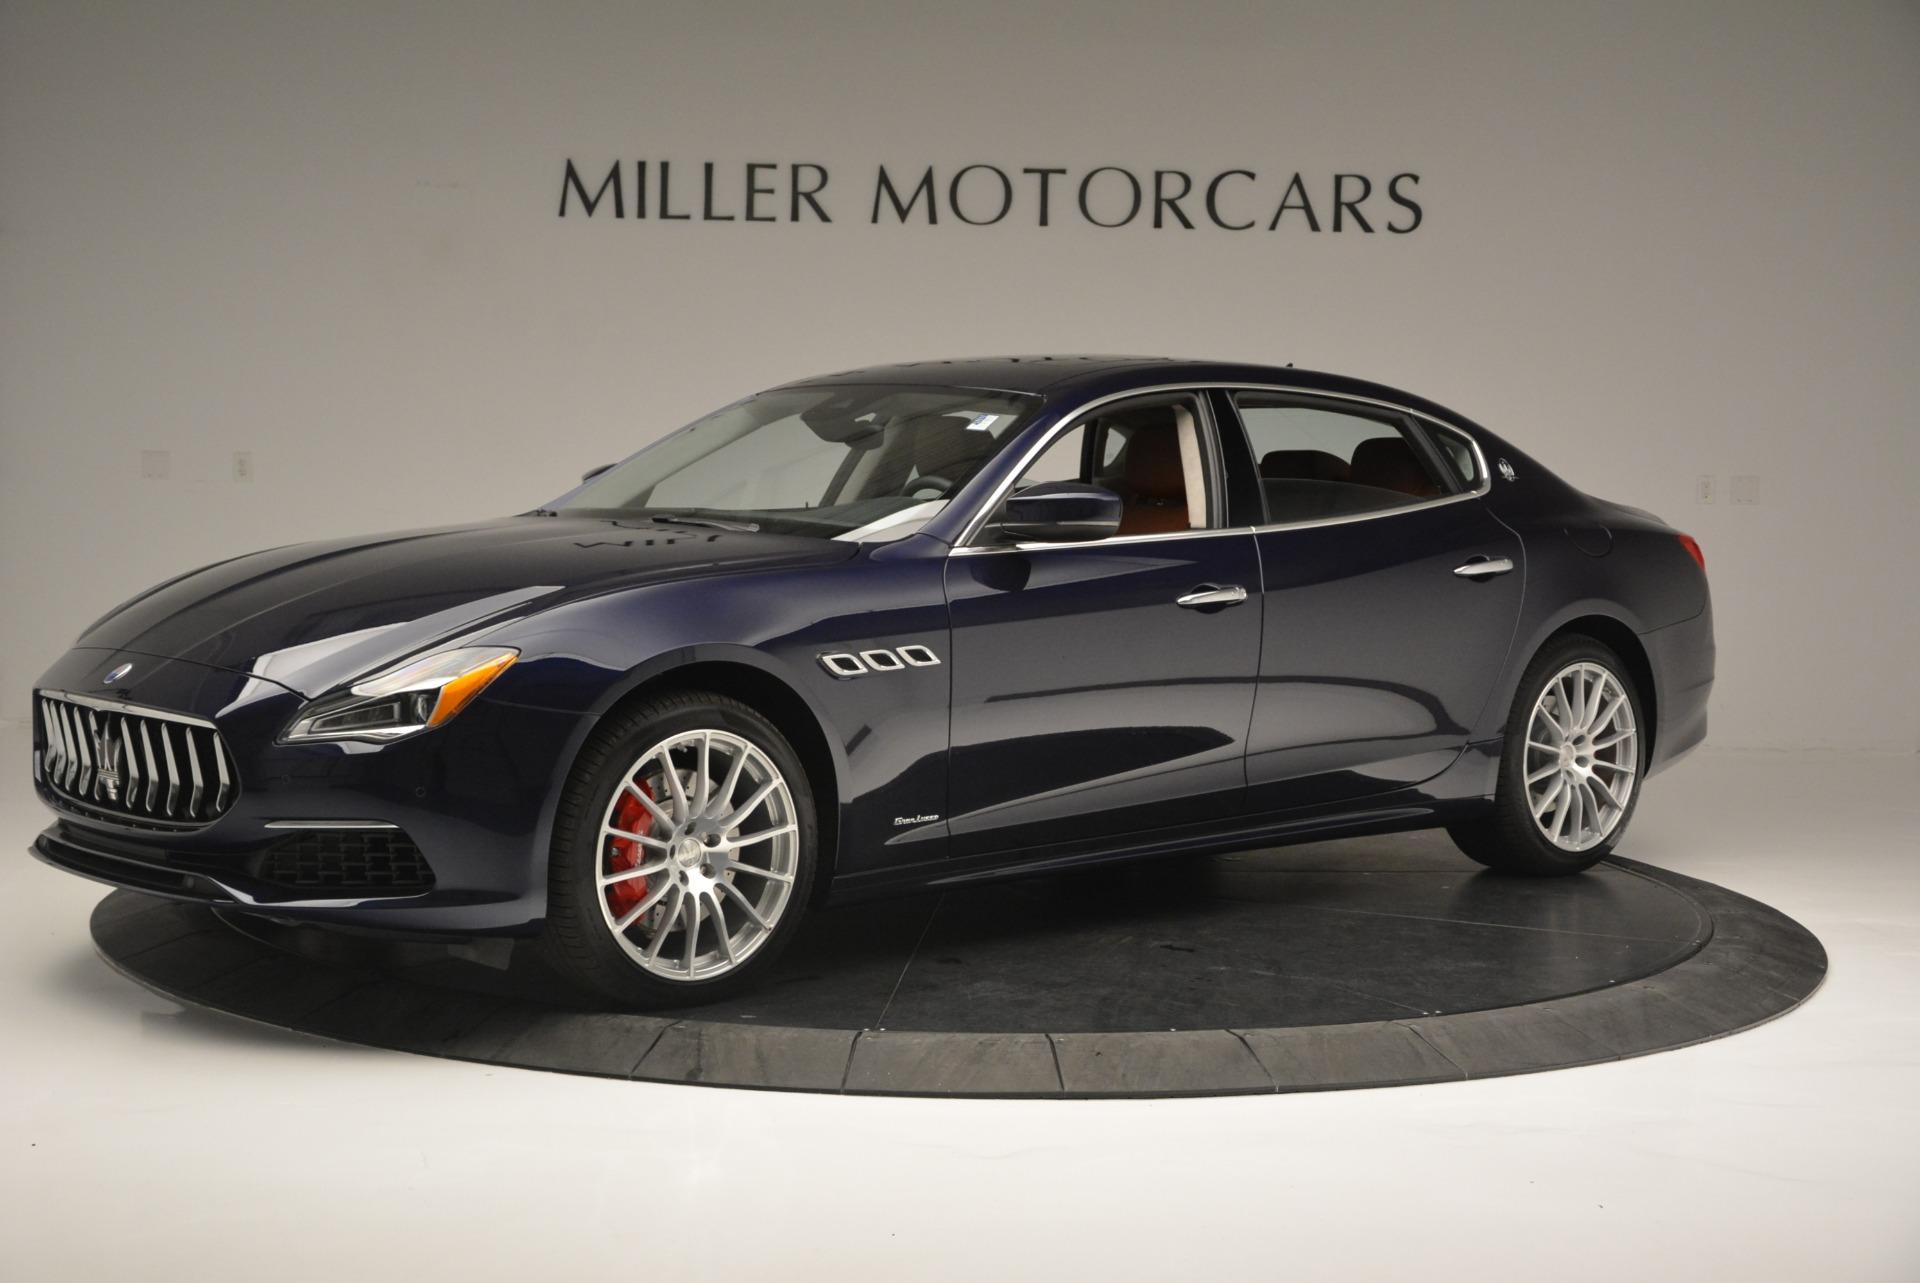 New 2018 Maserati Quattroporte S Q4 GranLusso For Sale In Greenwich, CT 1859_p2